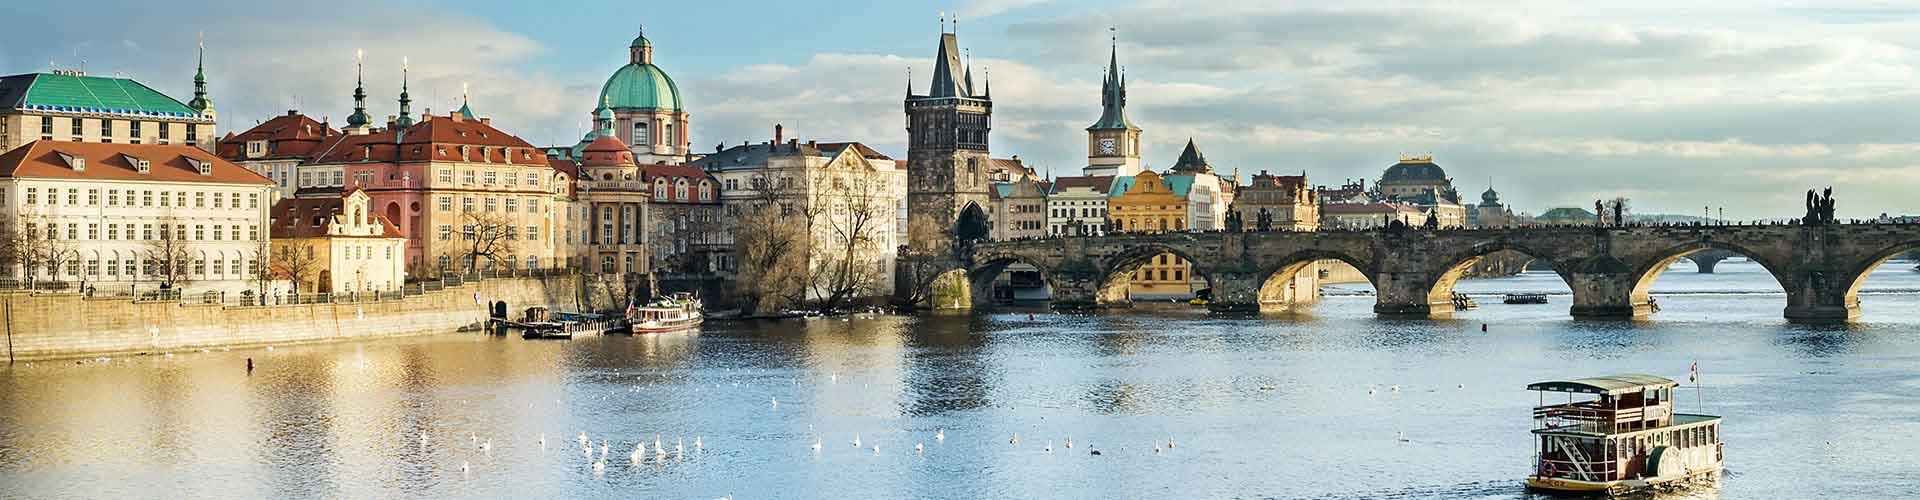 布拉格 – Prague 1区的青年旅馆。布拉格 地图,布拉格 每间青年旅馆的照片和评分。